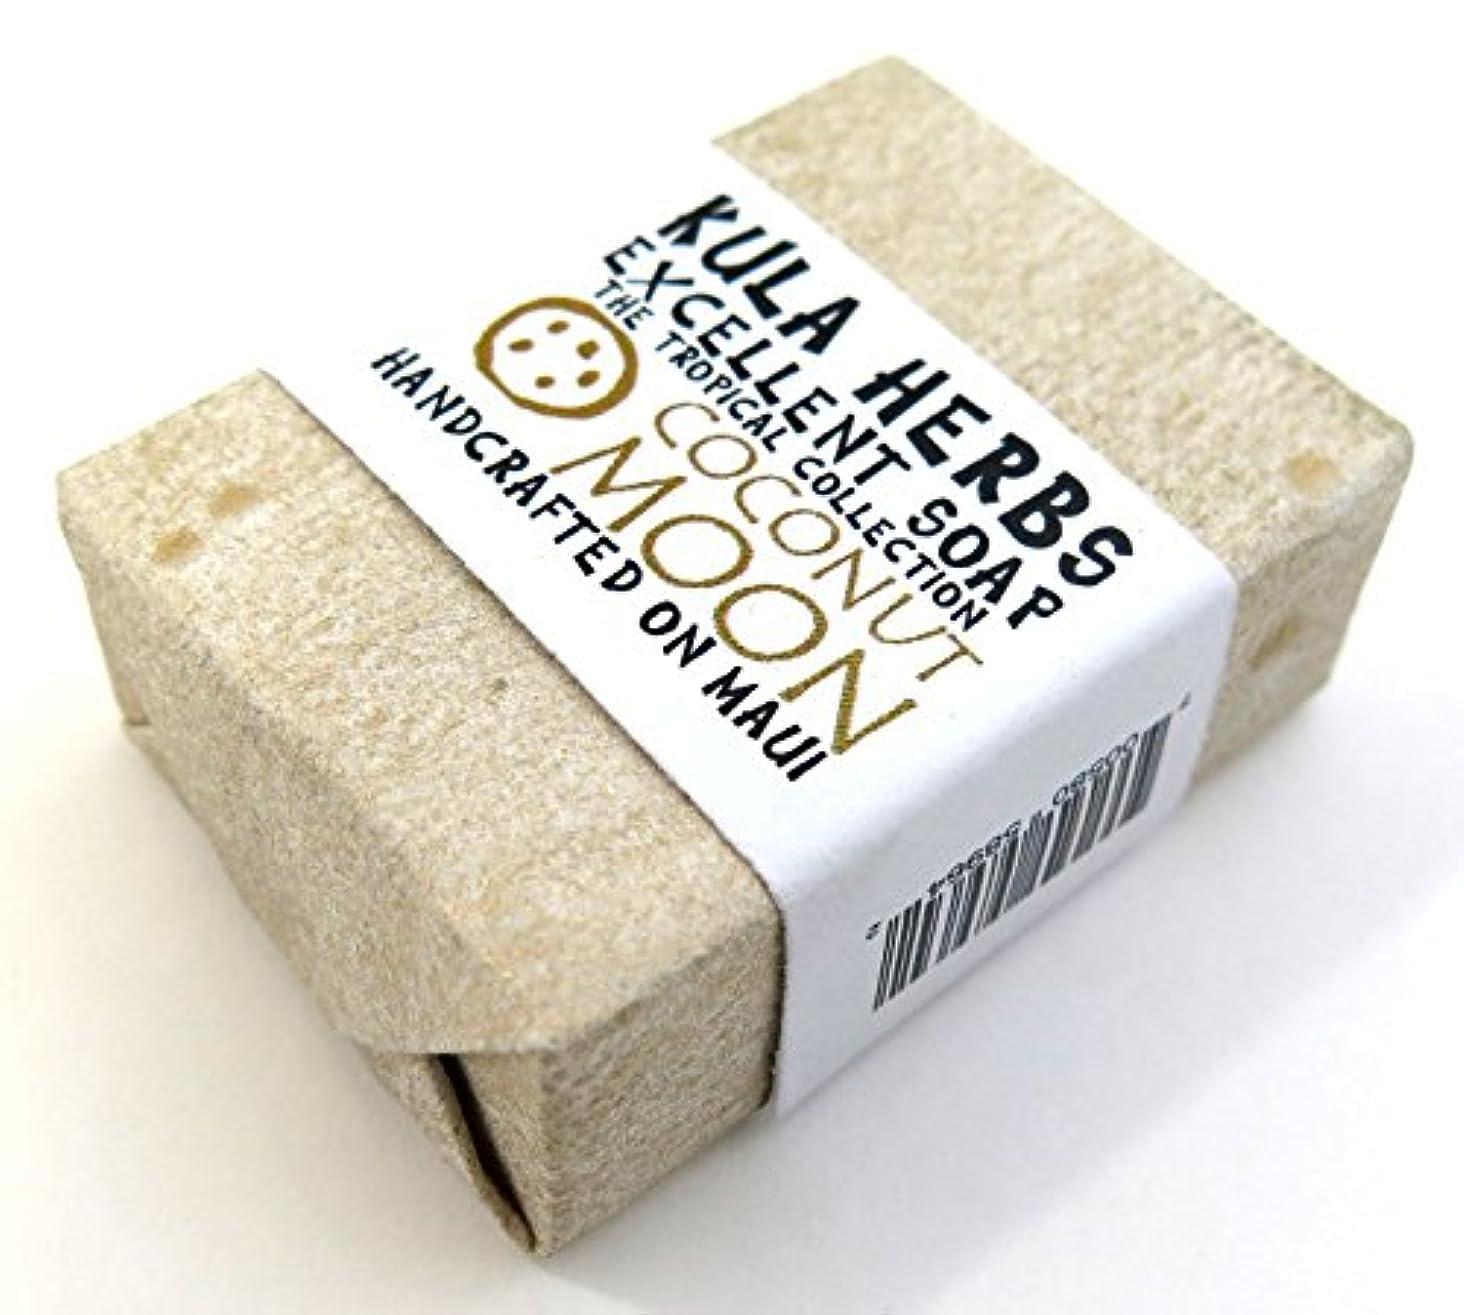 再生可能モードリン資格情報ハワイ お土産 ハワイアン雑貨 クラハーブス エクセレント ソープ 石鹸 30g (ココナッツ)